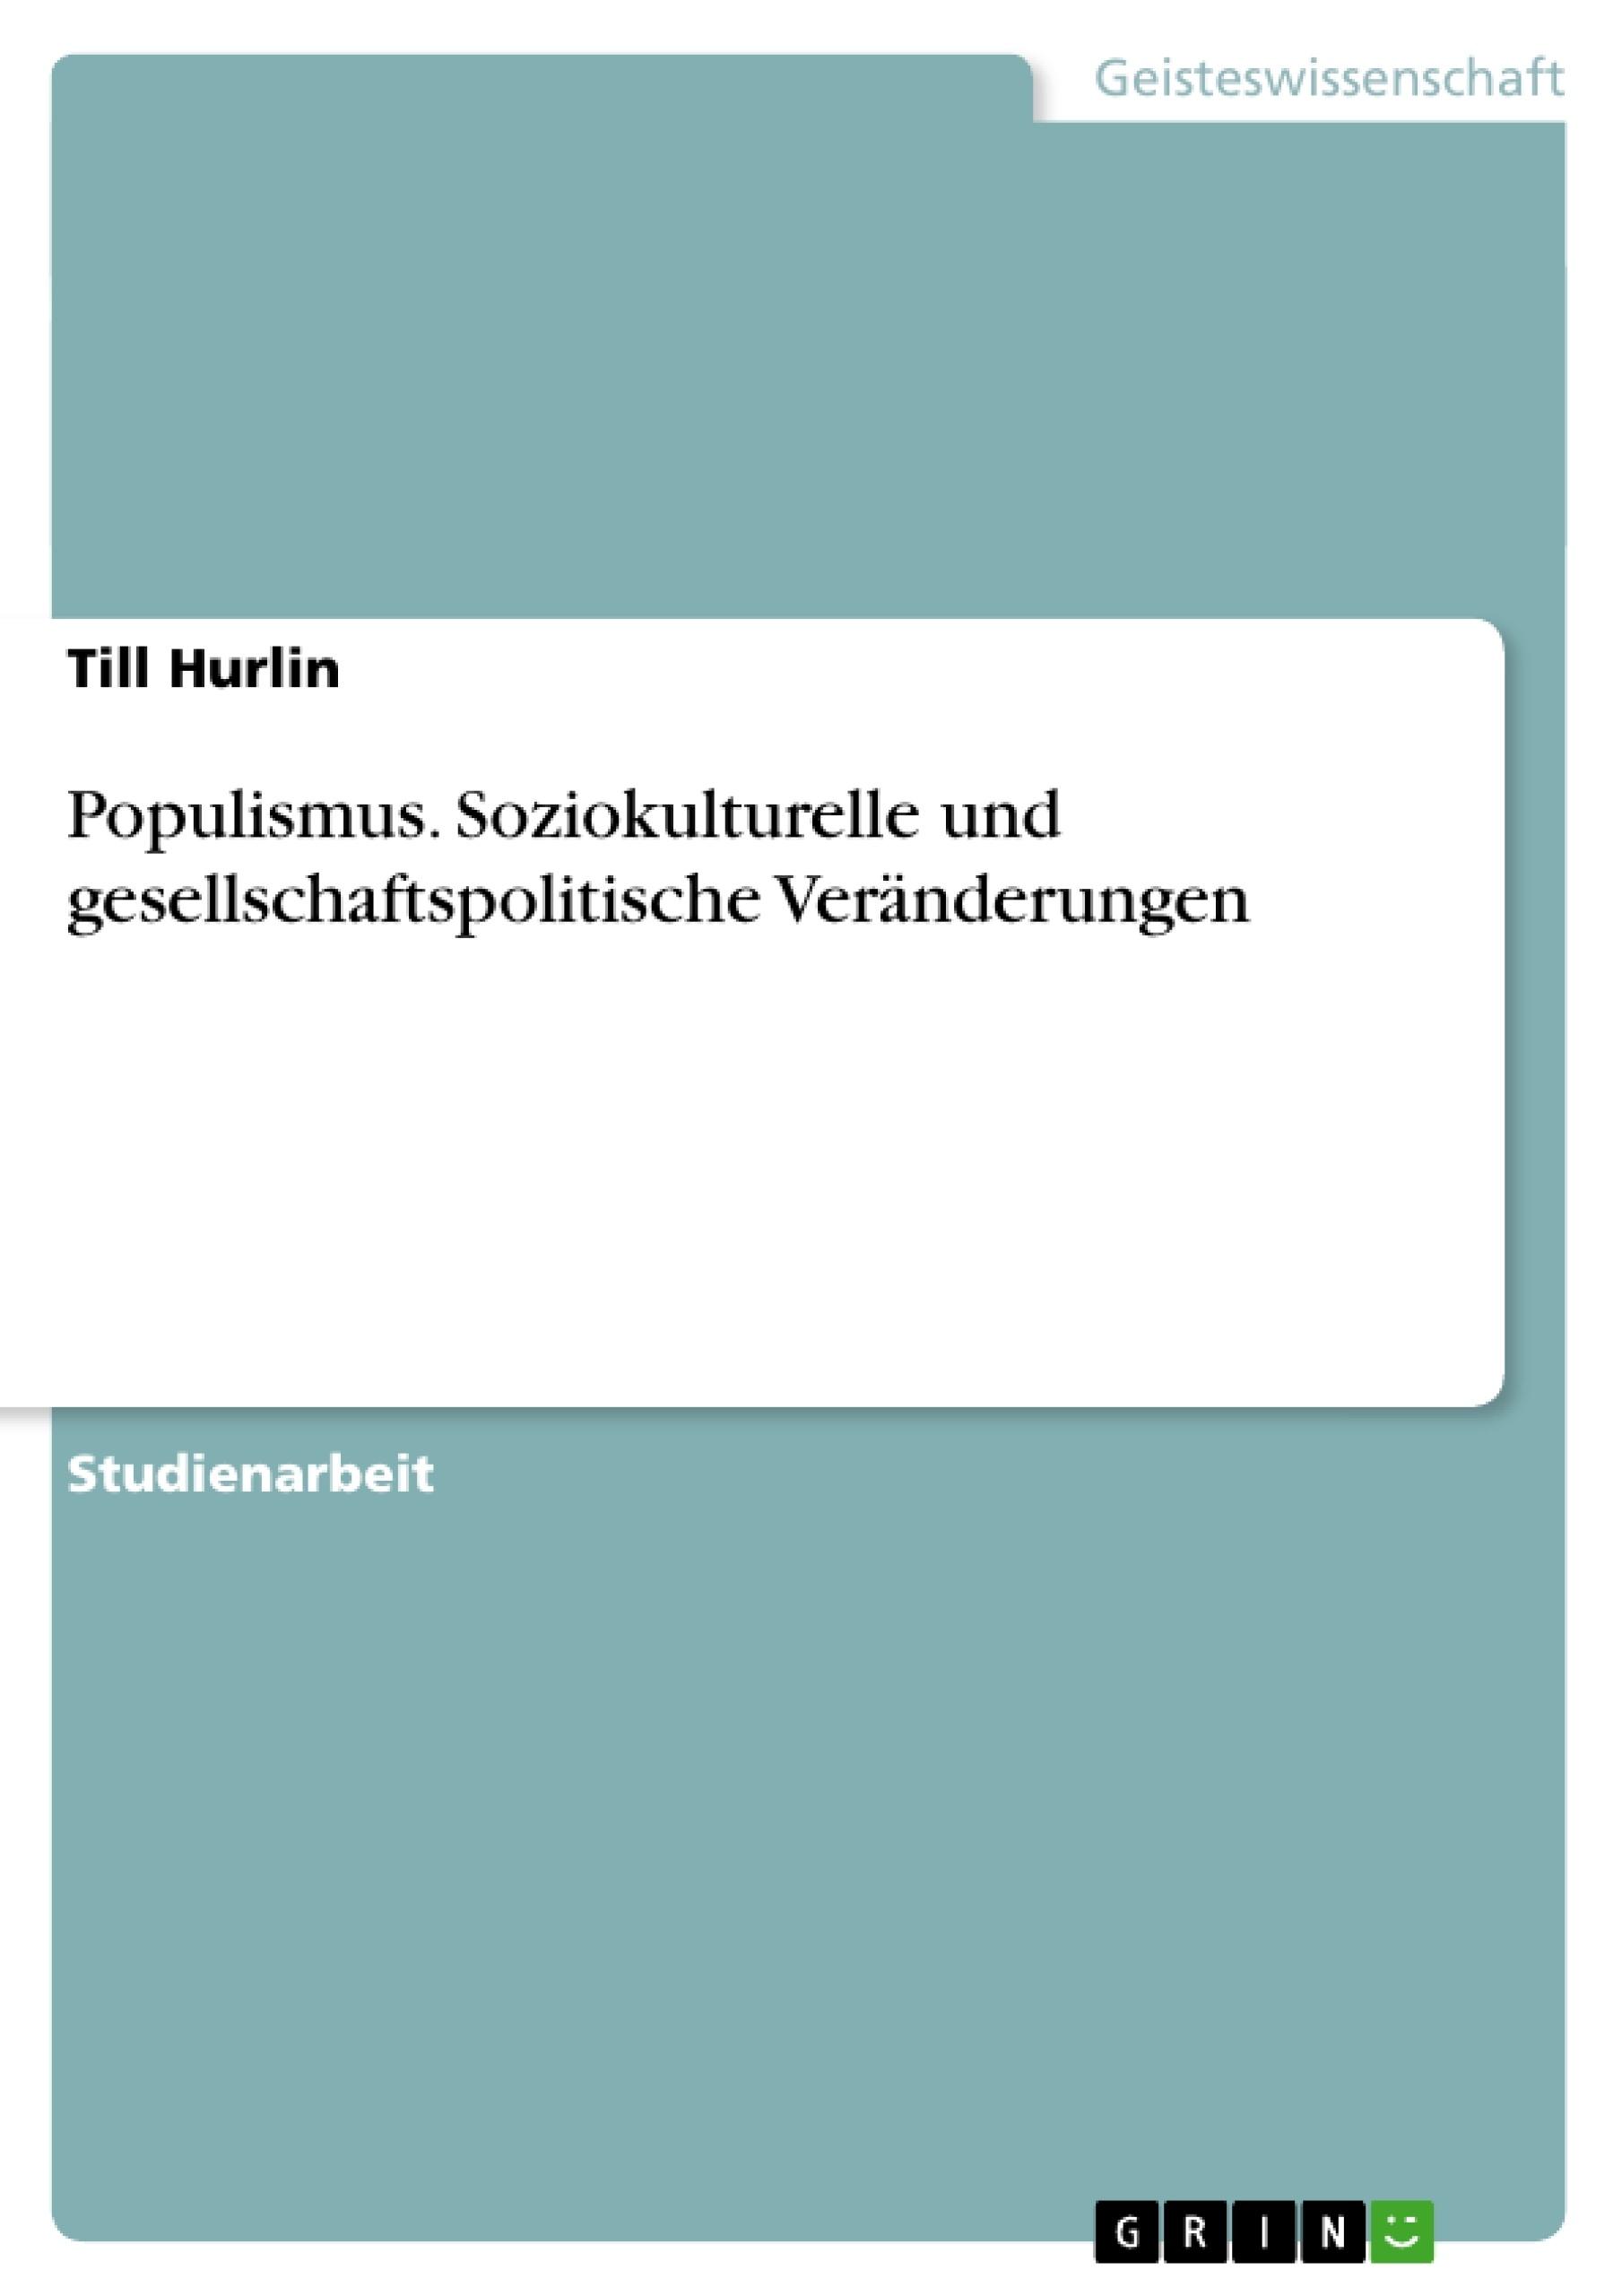 Titel: Populismus. Soziokulturelle und gesellschaftspolitische Veränderungen